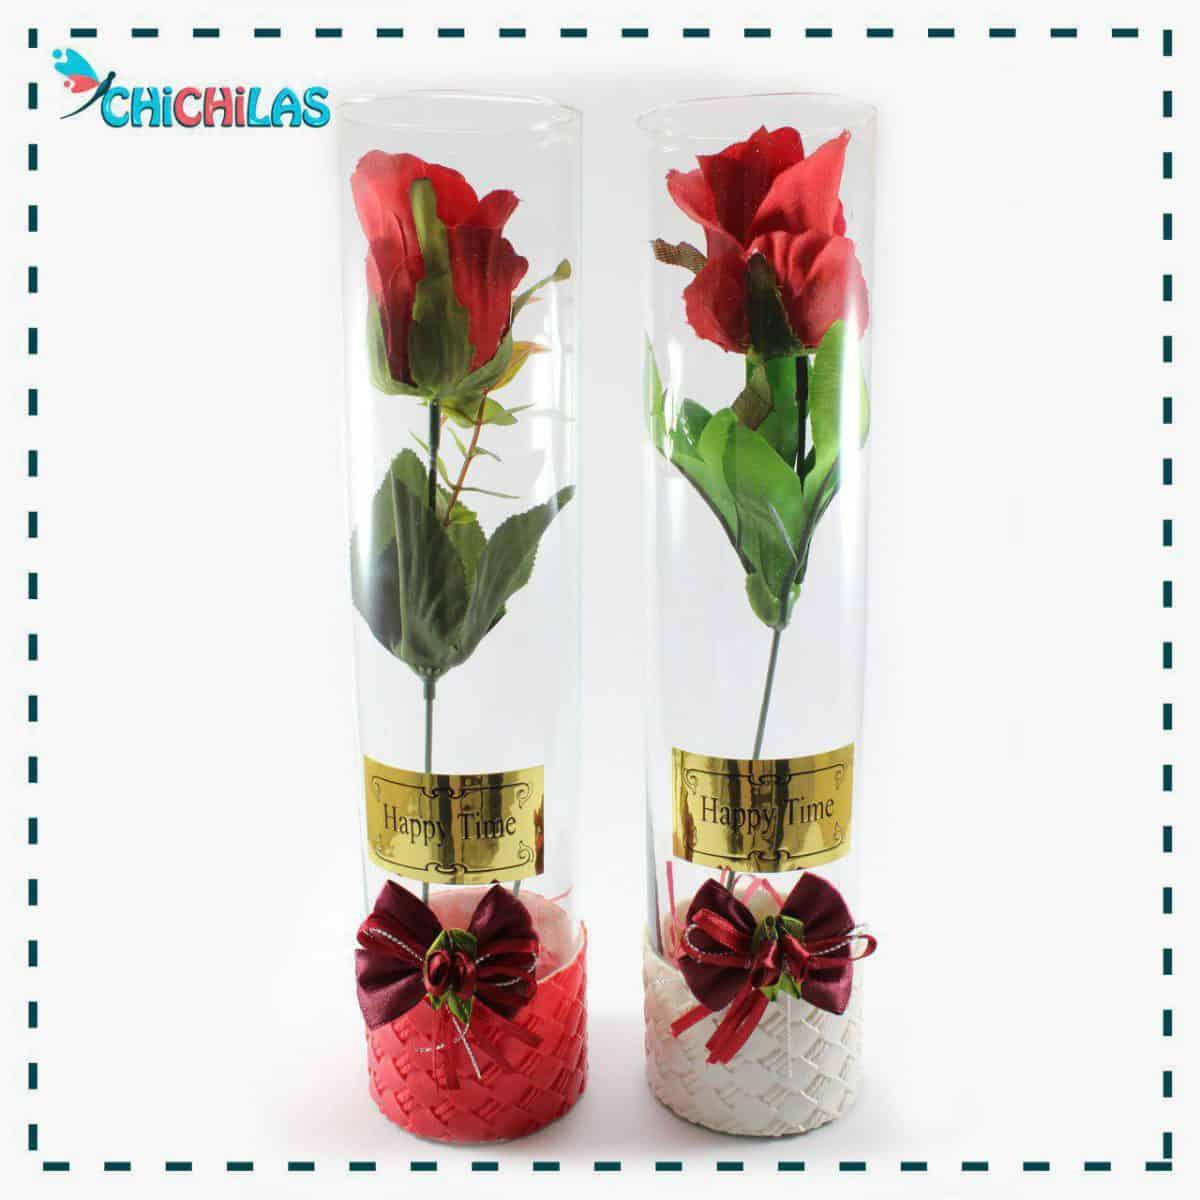 چیچیلاس - گلدان شیشه ای - گلدان دکوری - چیچیلاس - فروشگاه دکوری - گلدان رومیزی - کادویی - هدیه - ولنتاین